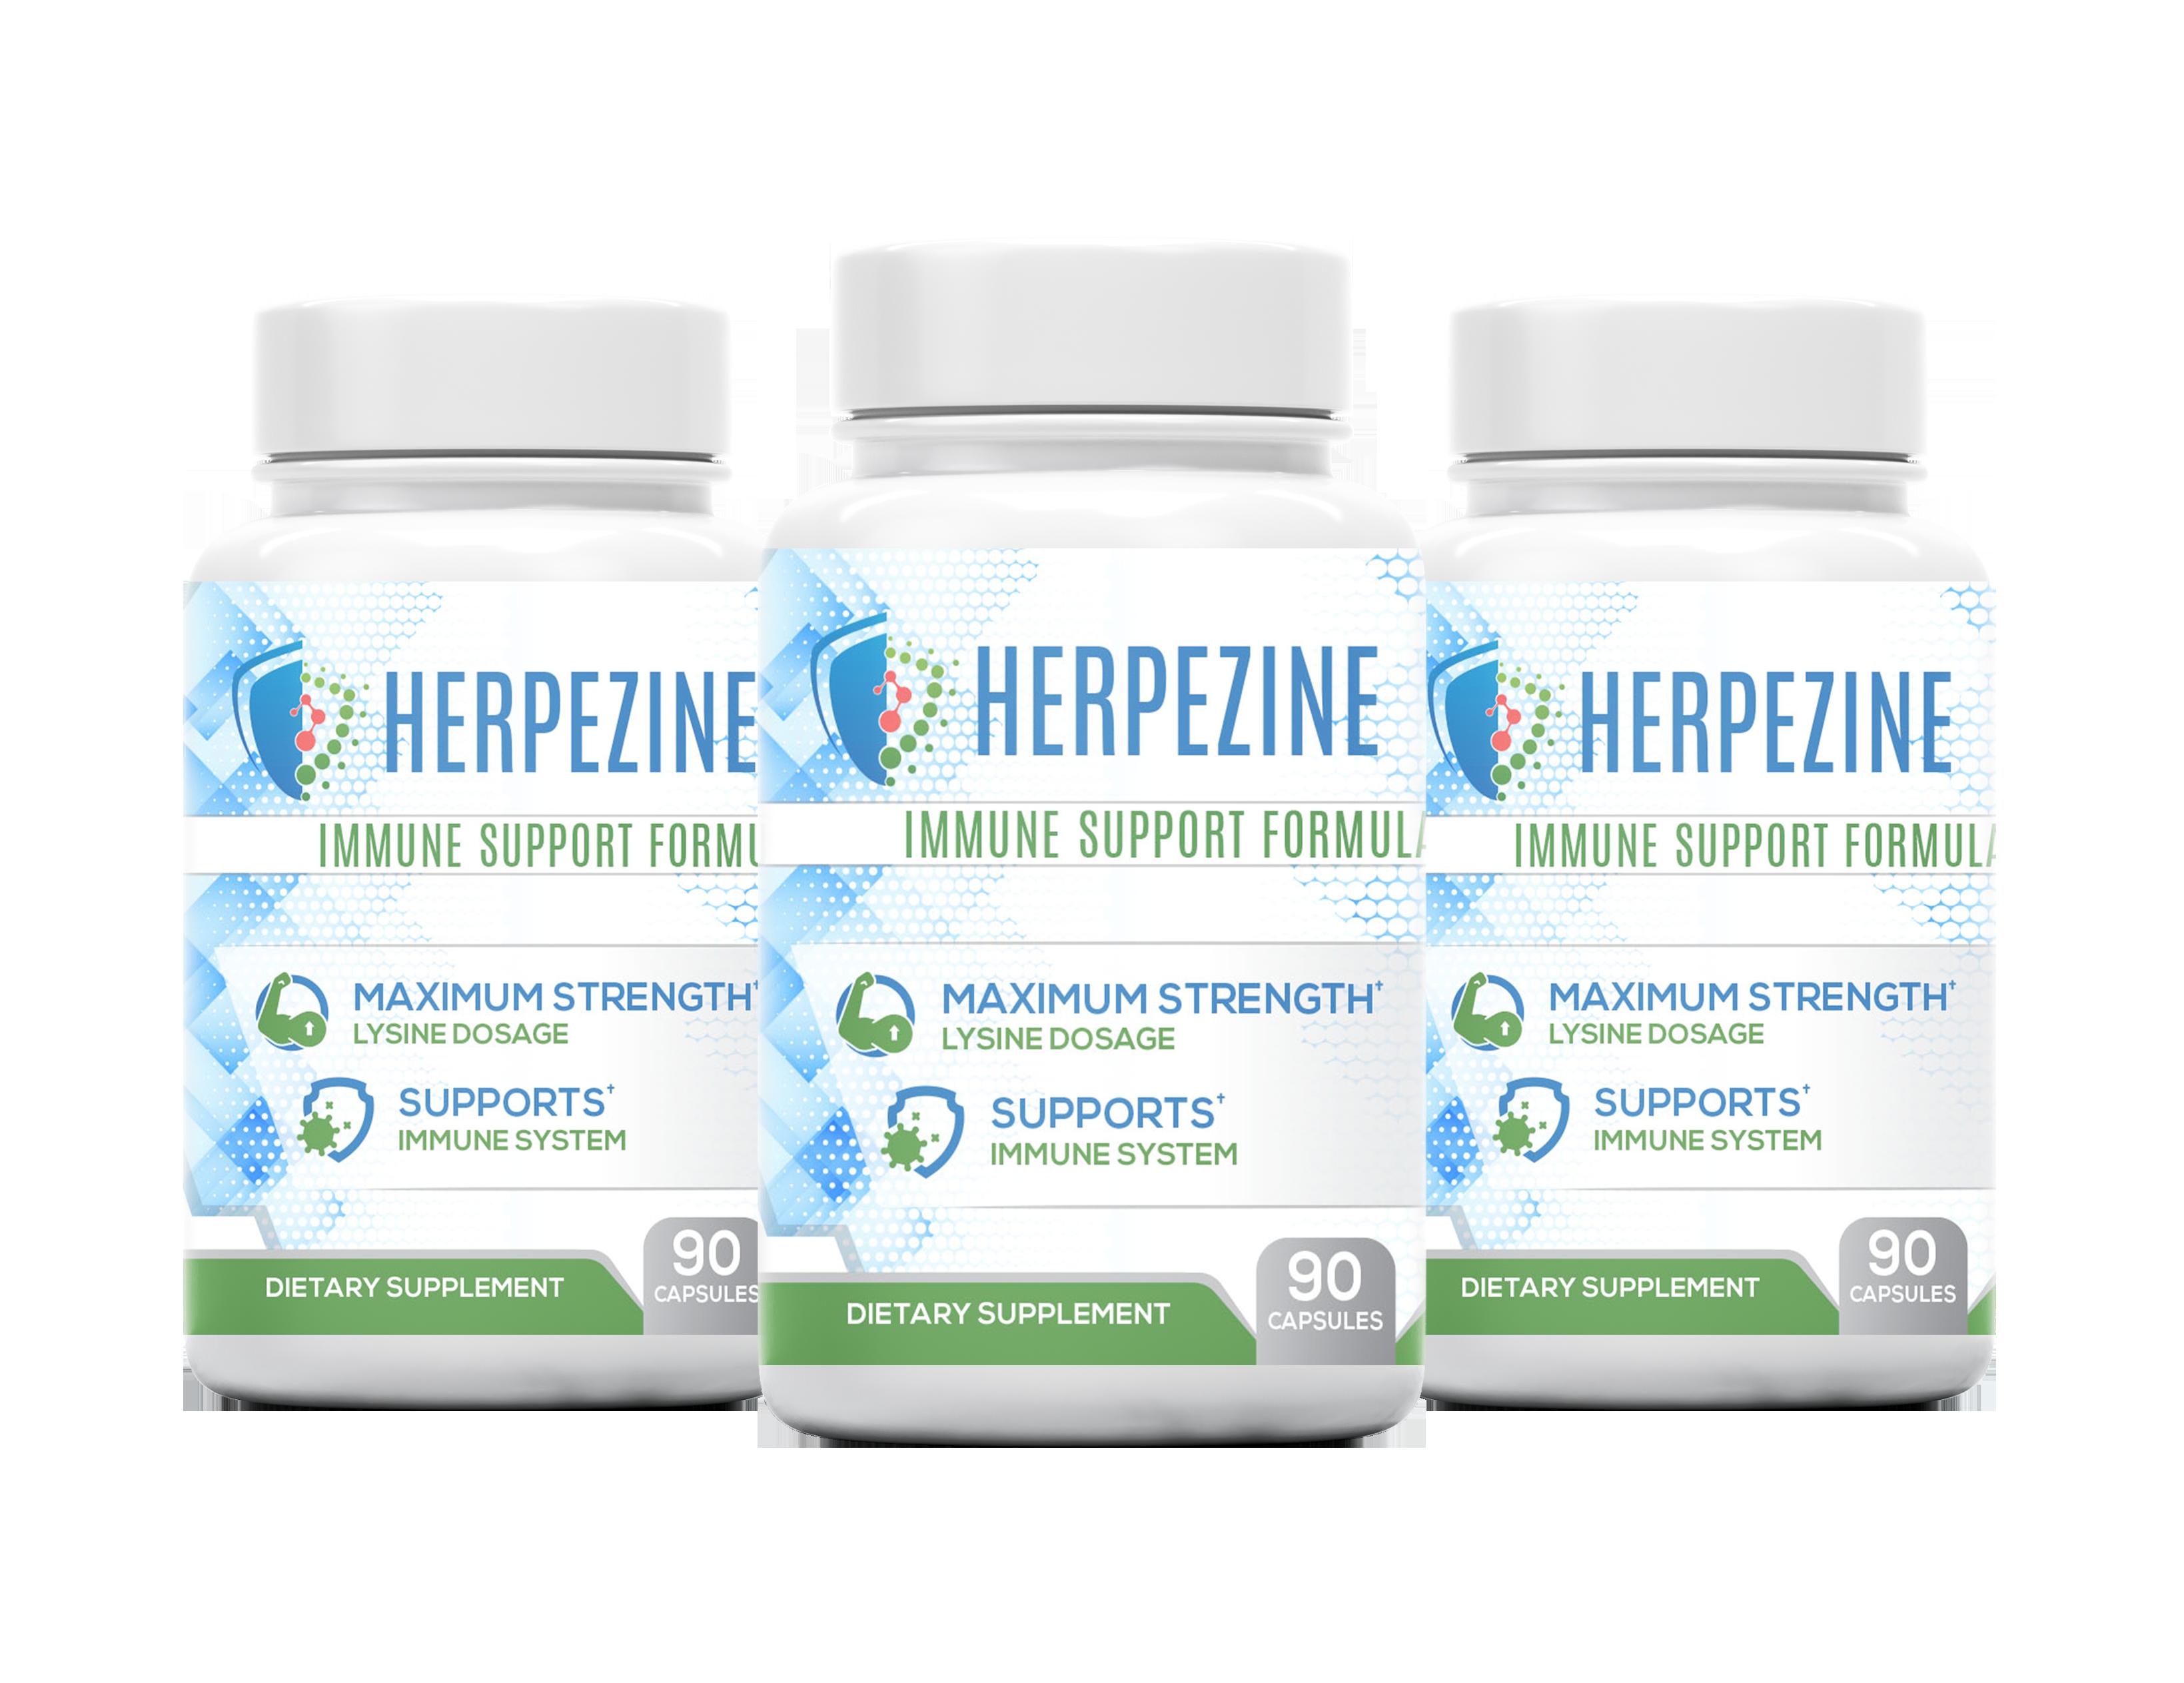 About-Herpezine